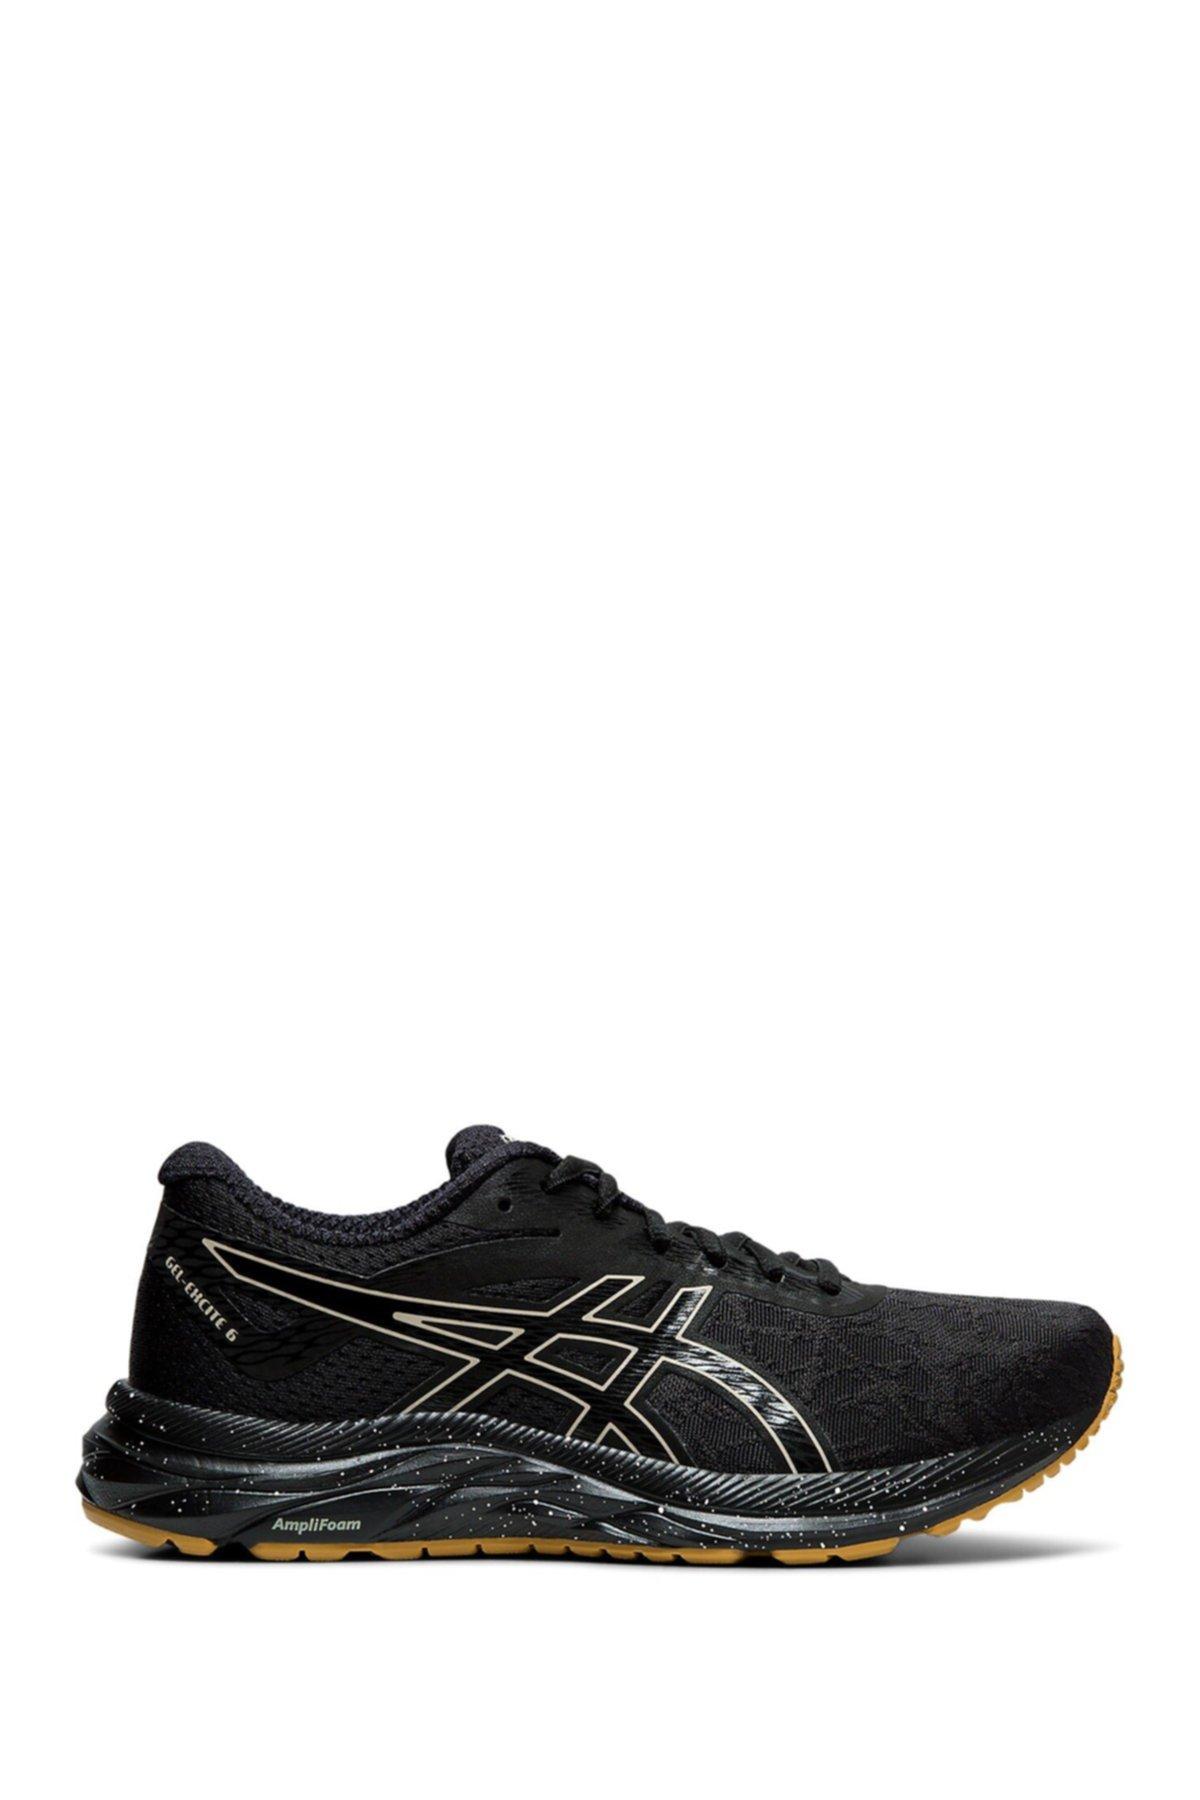 Гель Excite 6 зимние кроссовки для бега ASICS